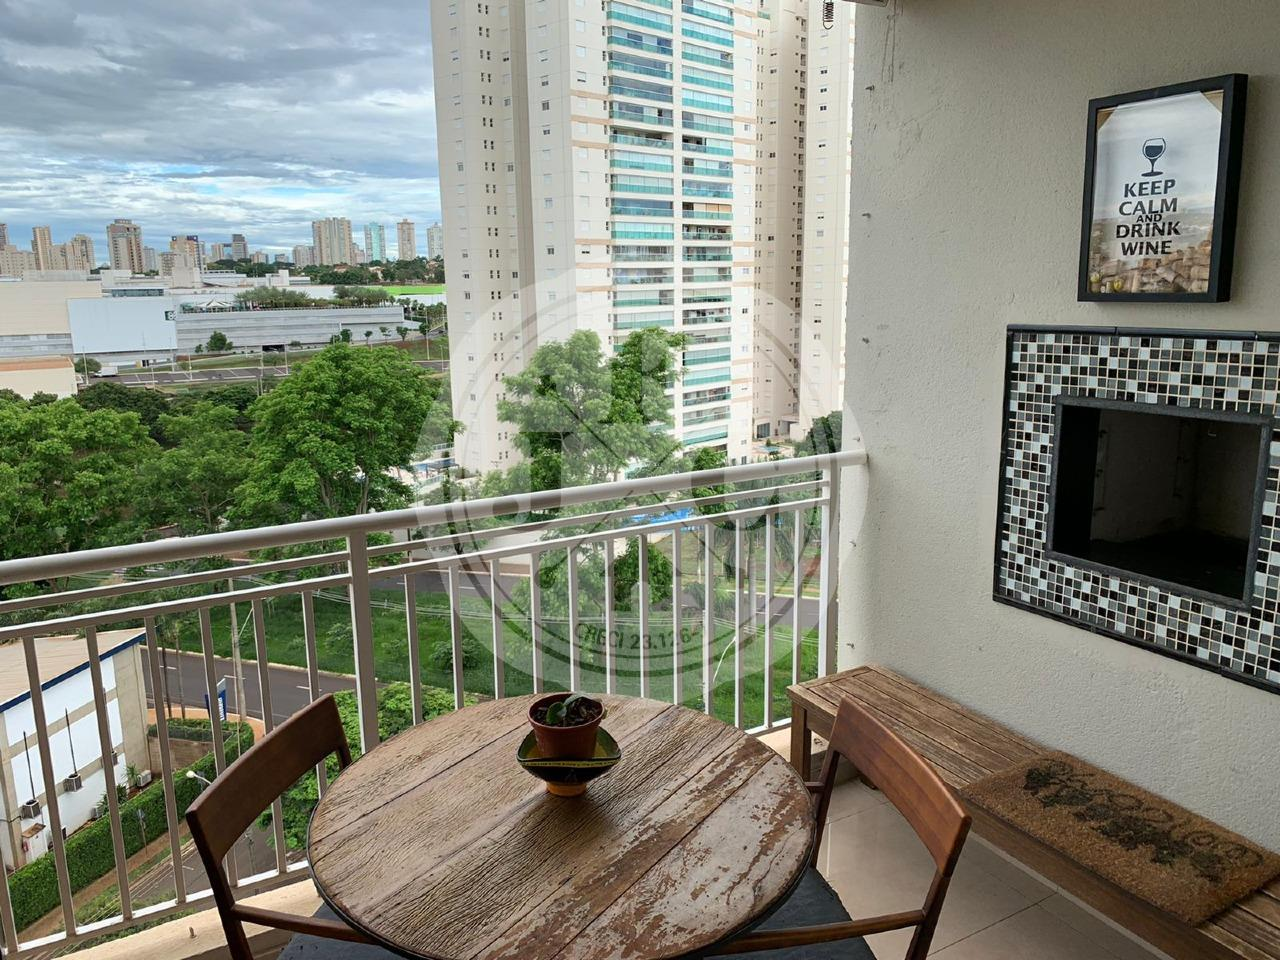 Apartamento reformado para locação no bairro Nova Aliança com 3 dormitórios sendo 1 suíte.